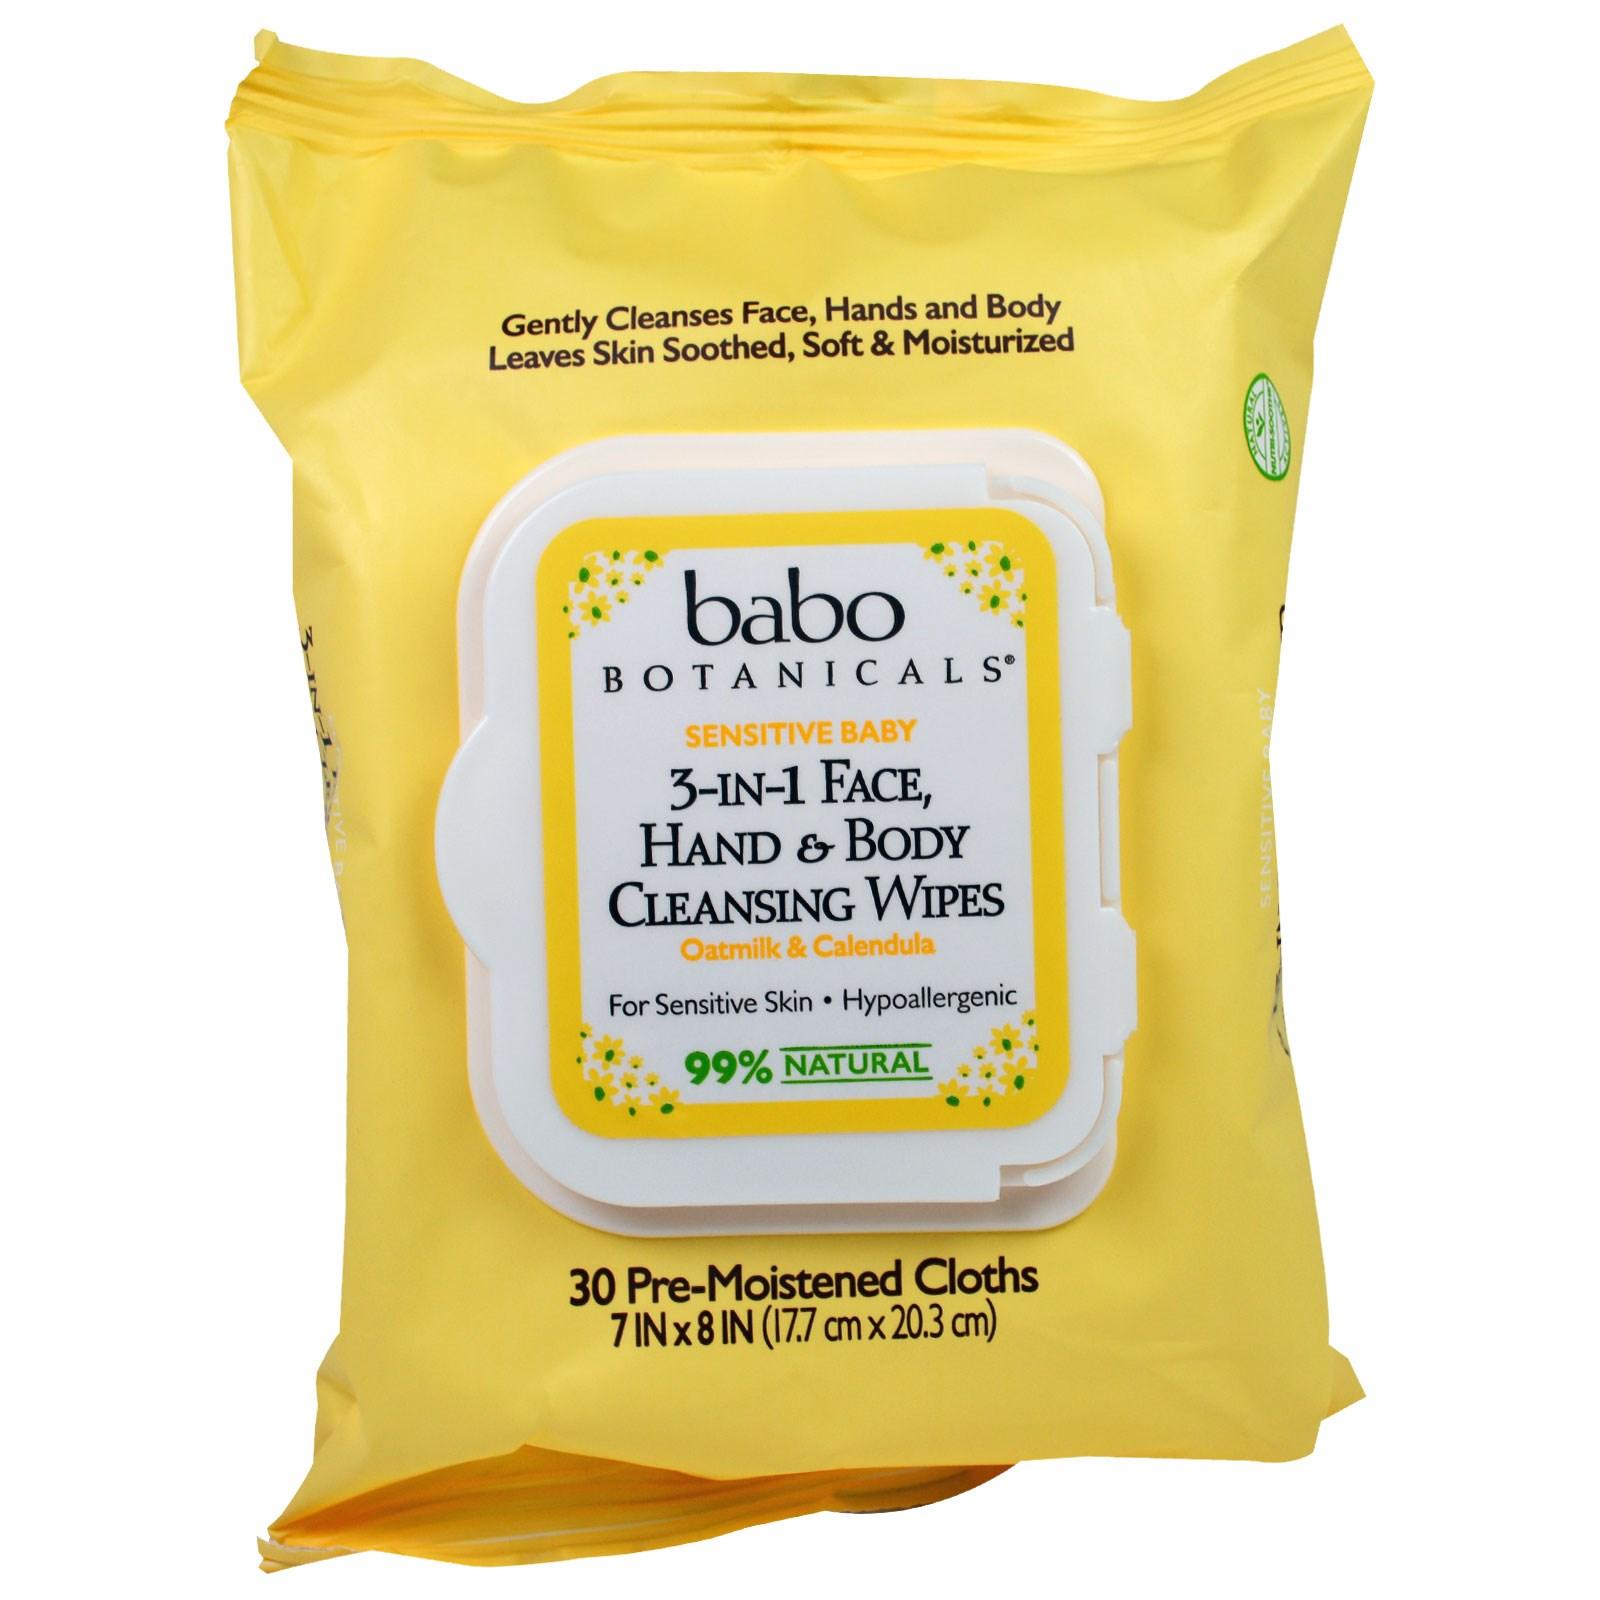 Babo Botanicals, 3-в-1, Очищающие Салфетки для Лица, Рук и Тела для Ребенка с Чувствительной Кожей, Овсяное Молоко и календула, 30 Влажных Салфеток